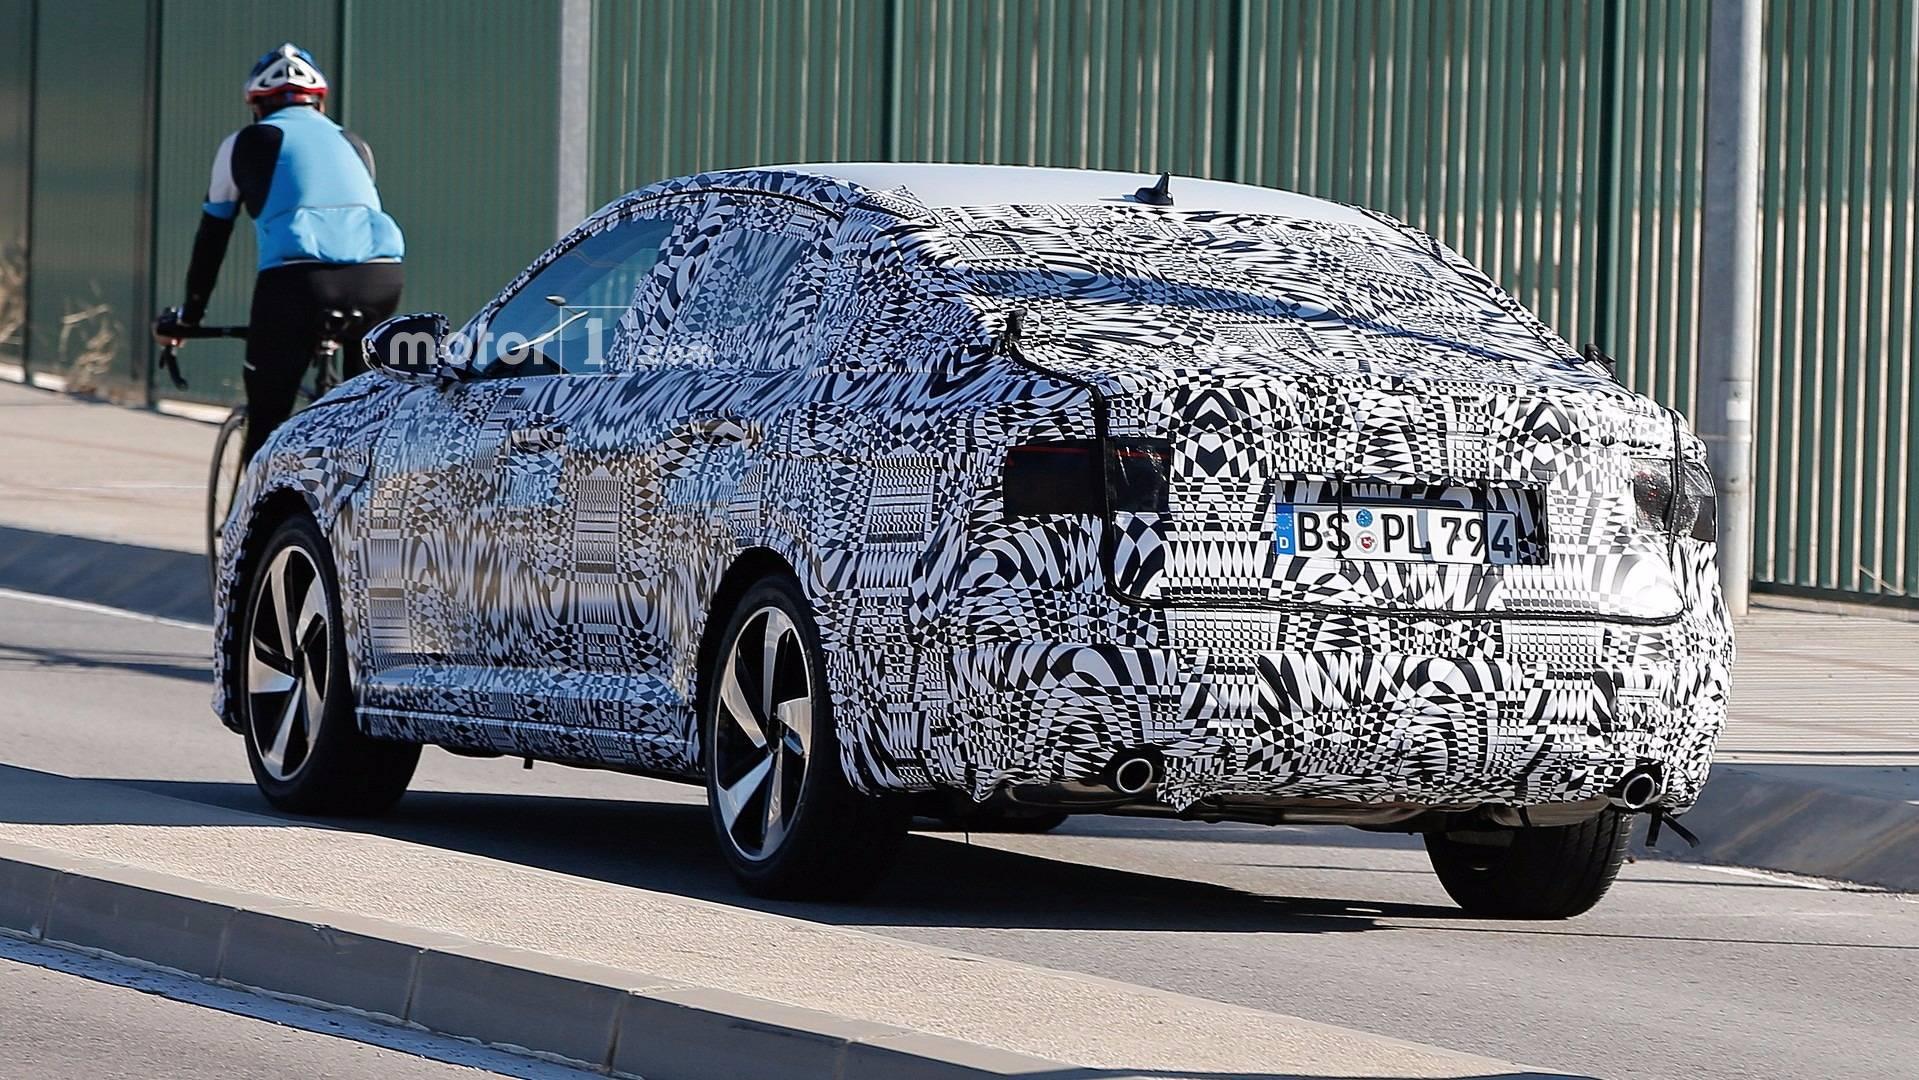 2017 Volkswagen Beetle Dune Redesign And Release Date >> 2019 Volkswagen Jetta GLI | Spy Photos, Release date